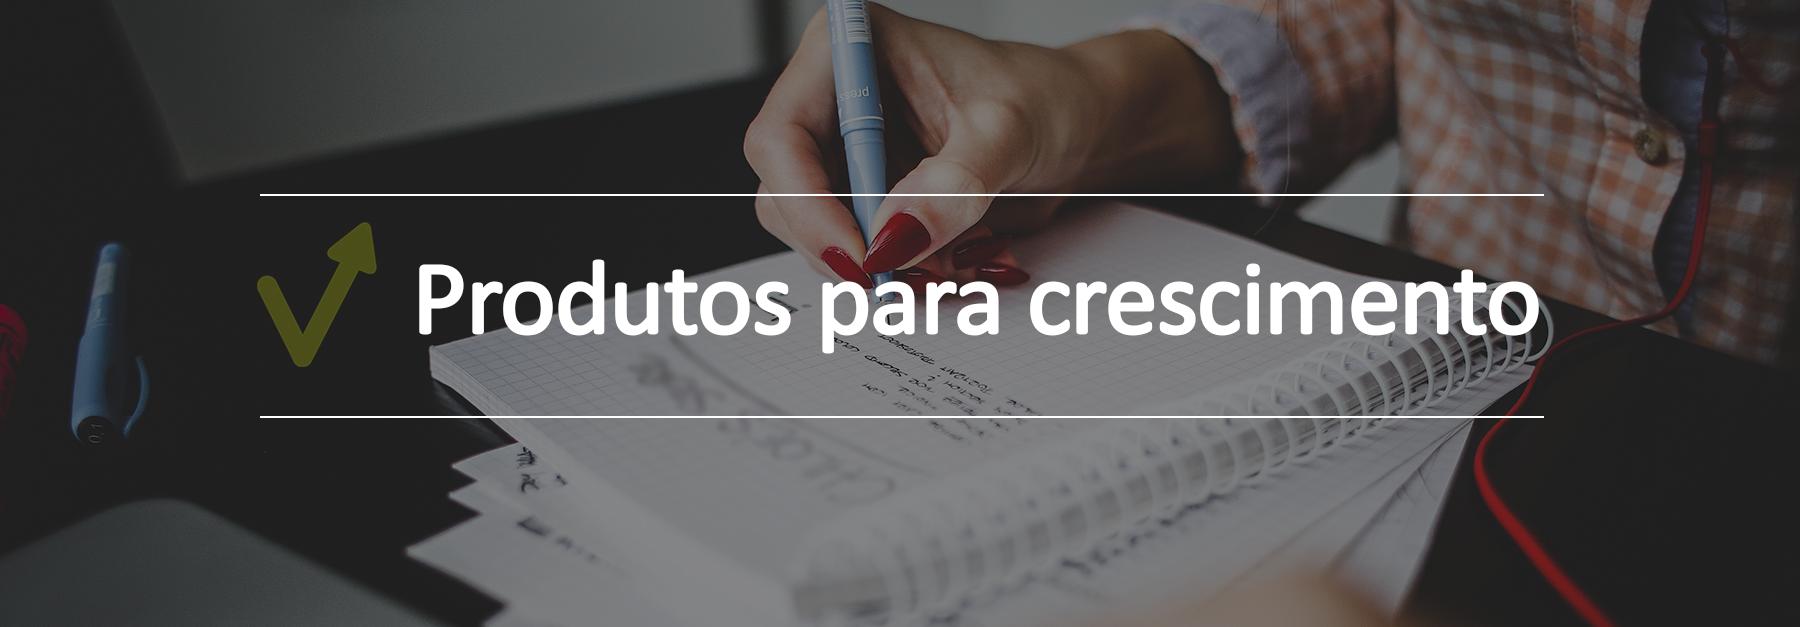 prod_cresc_1